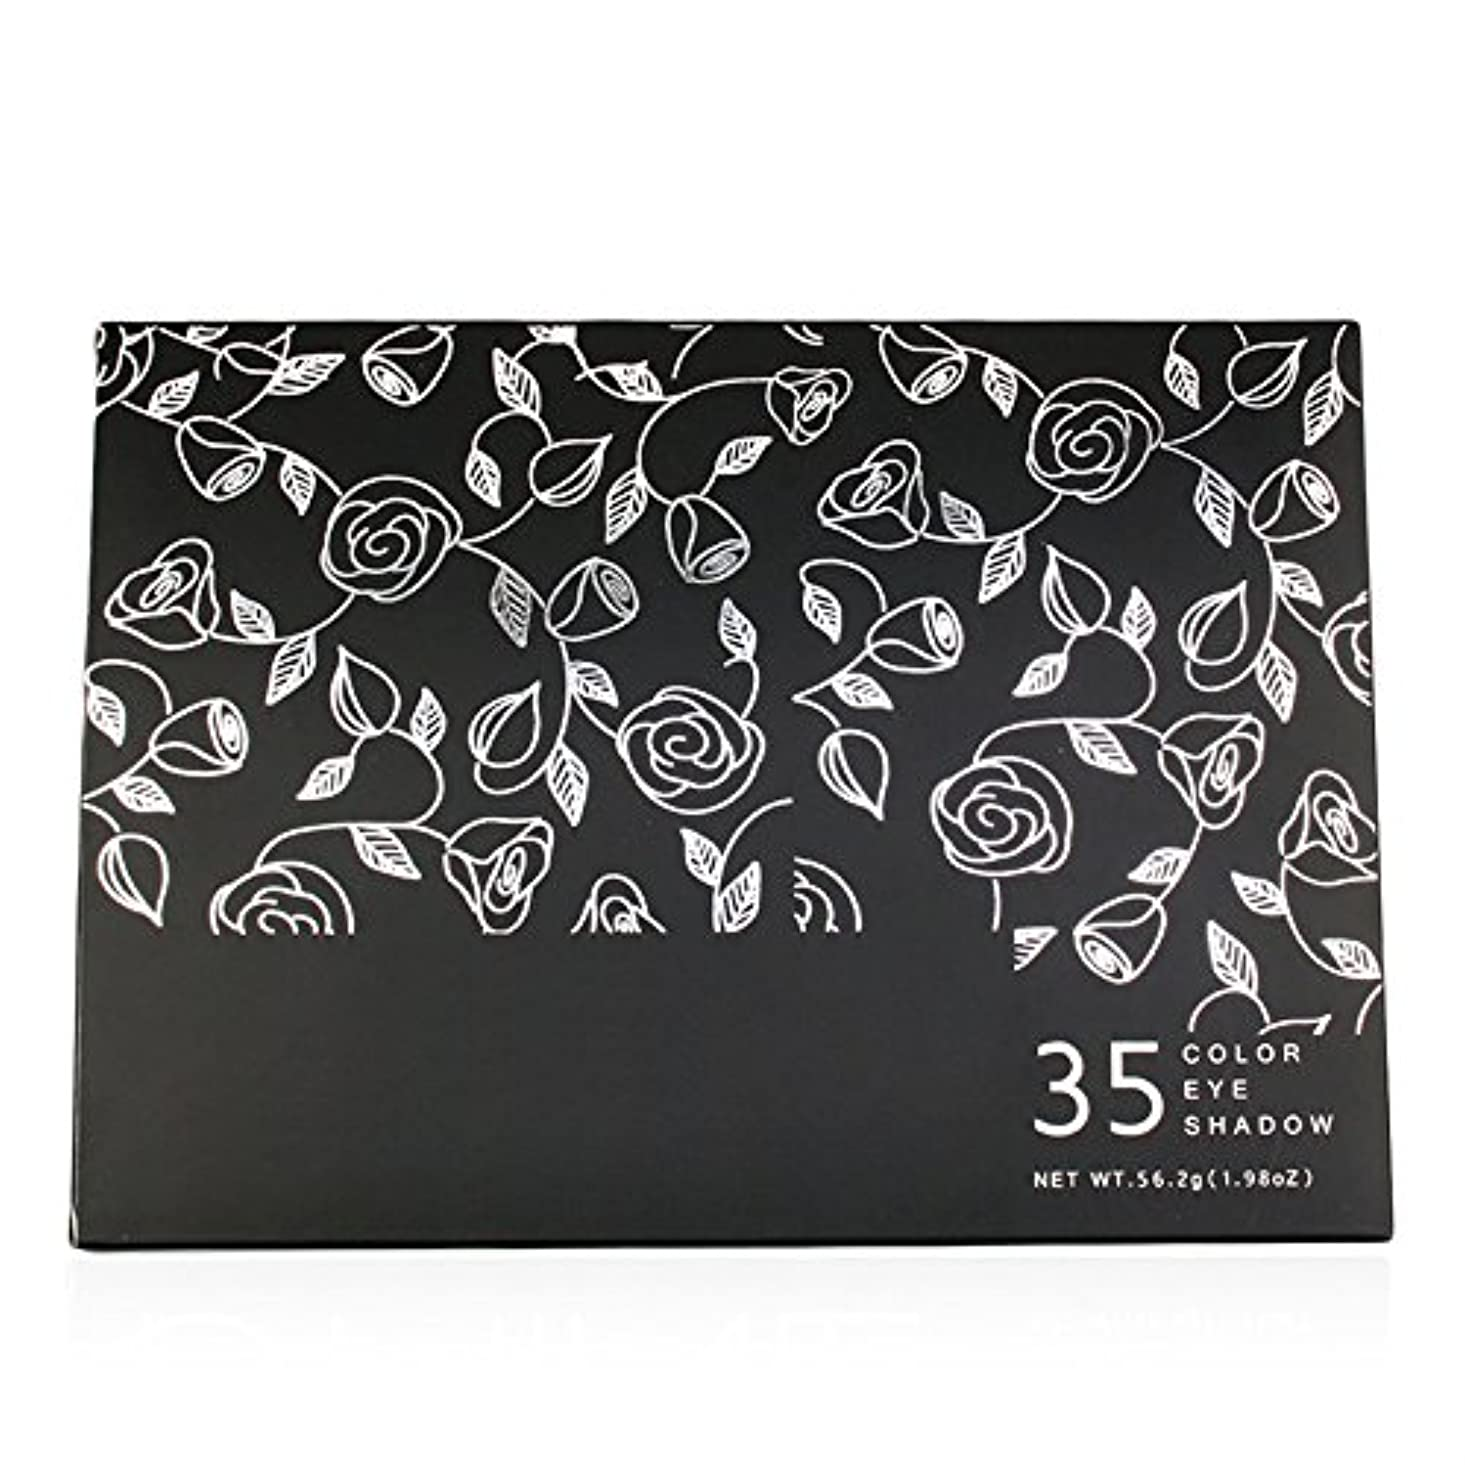 旅行者痛み無条件Akane アイシャドウパレット 35HC 魅力的 ファッション 気質的 綺麗 花柄 高級 マット チャーム 長持ち つや消し おしゃれ 持ち便利 Eye Shadow (35色)